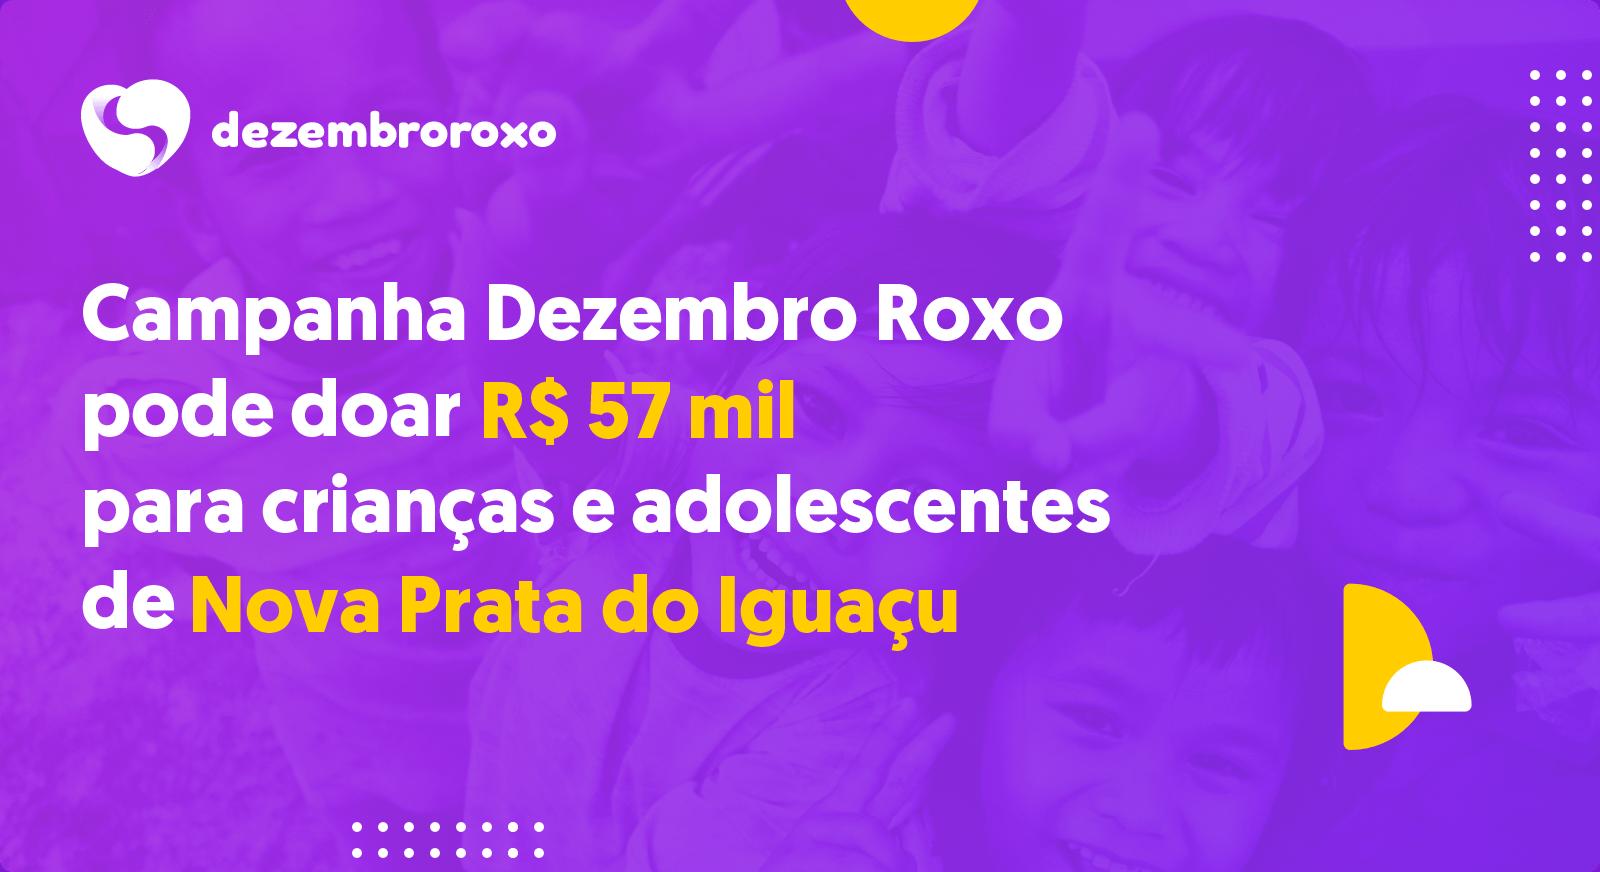 Doações em Nova Prata do Iguaçu - PR